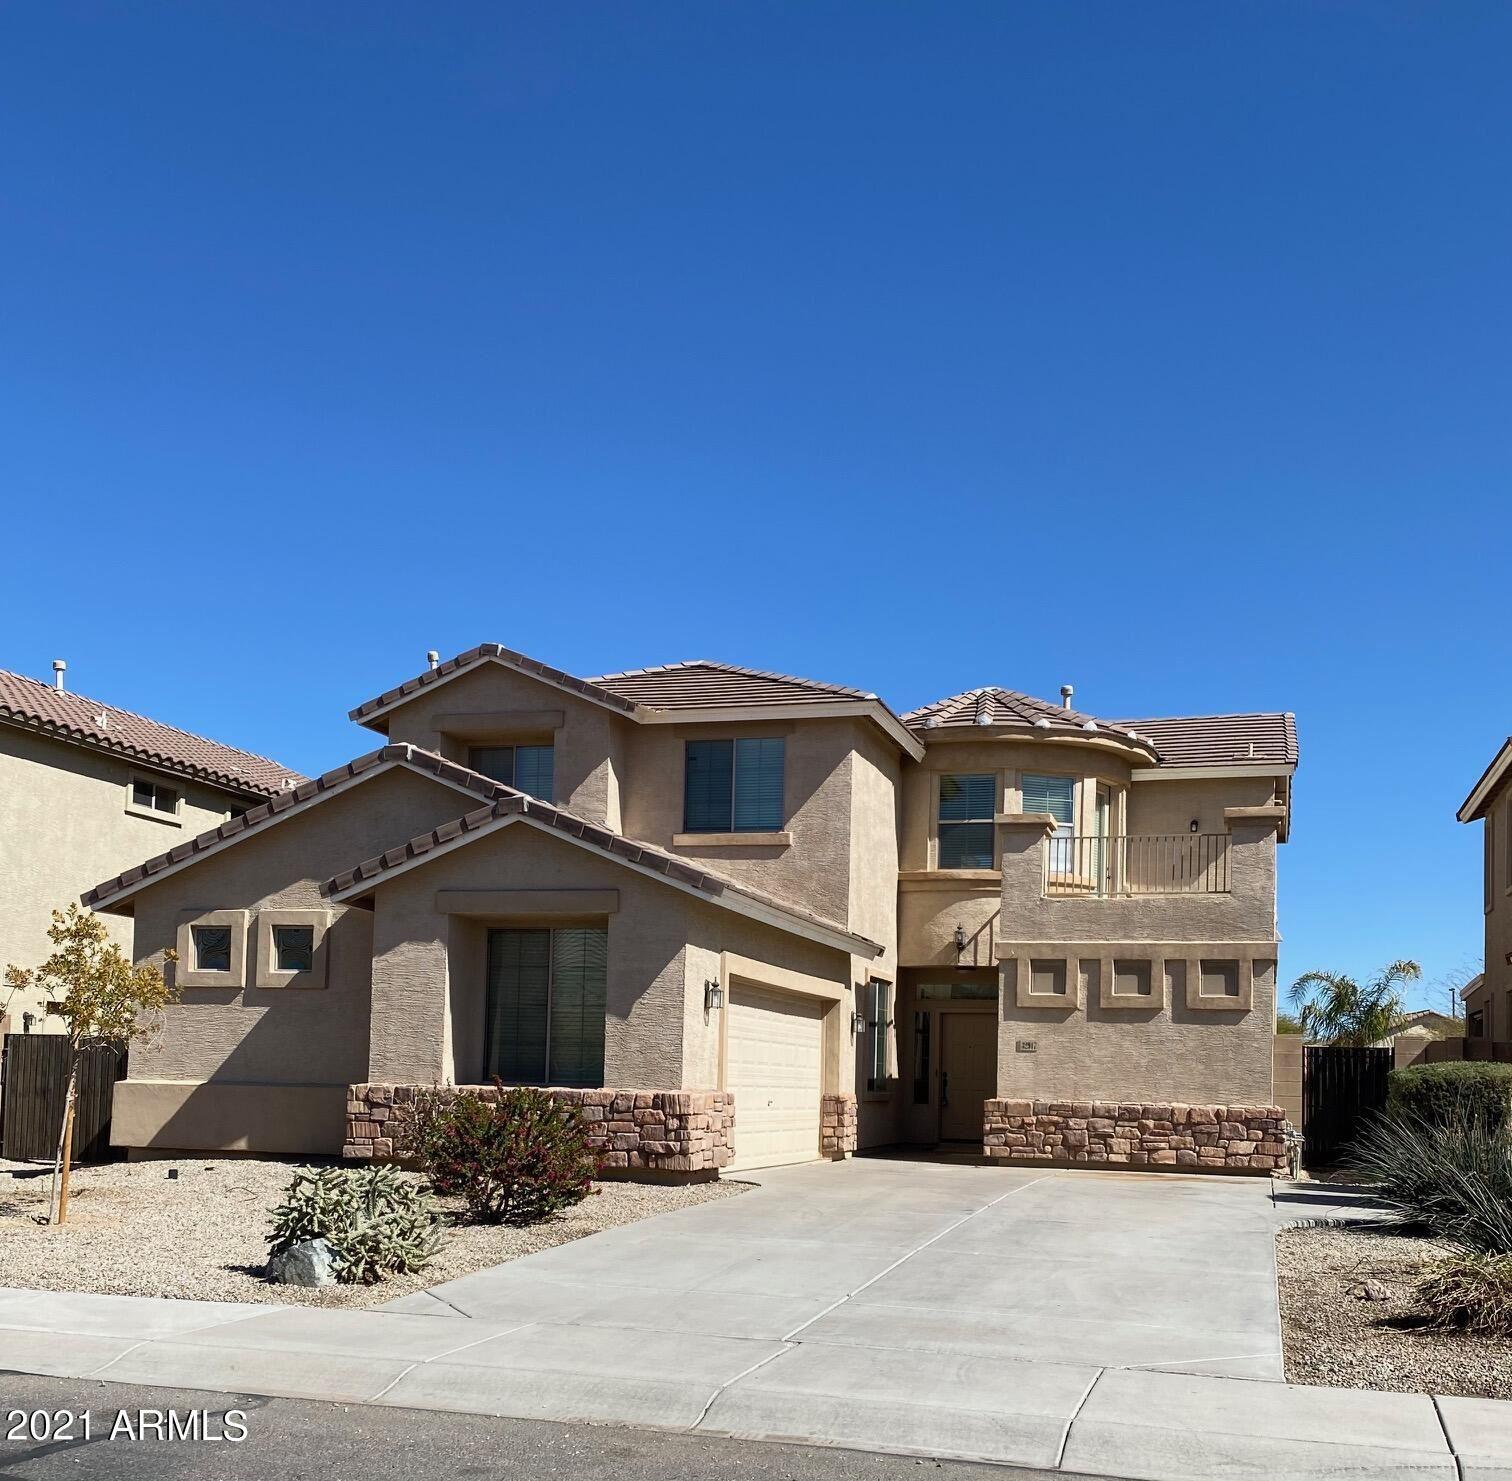 Photo of 32917 N DOUBLE BAR Road, Queen Creek, AZ 85142 (MLS # 6202289)